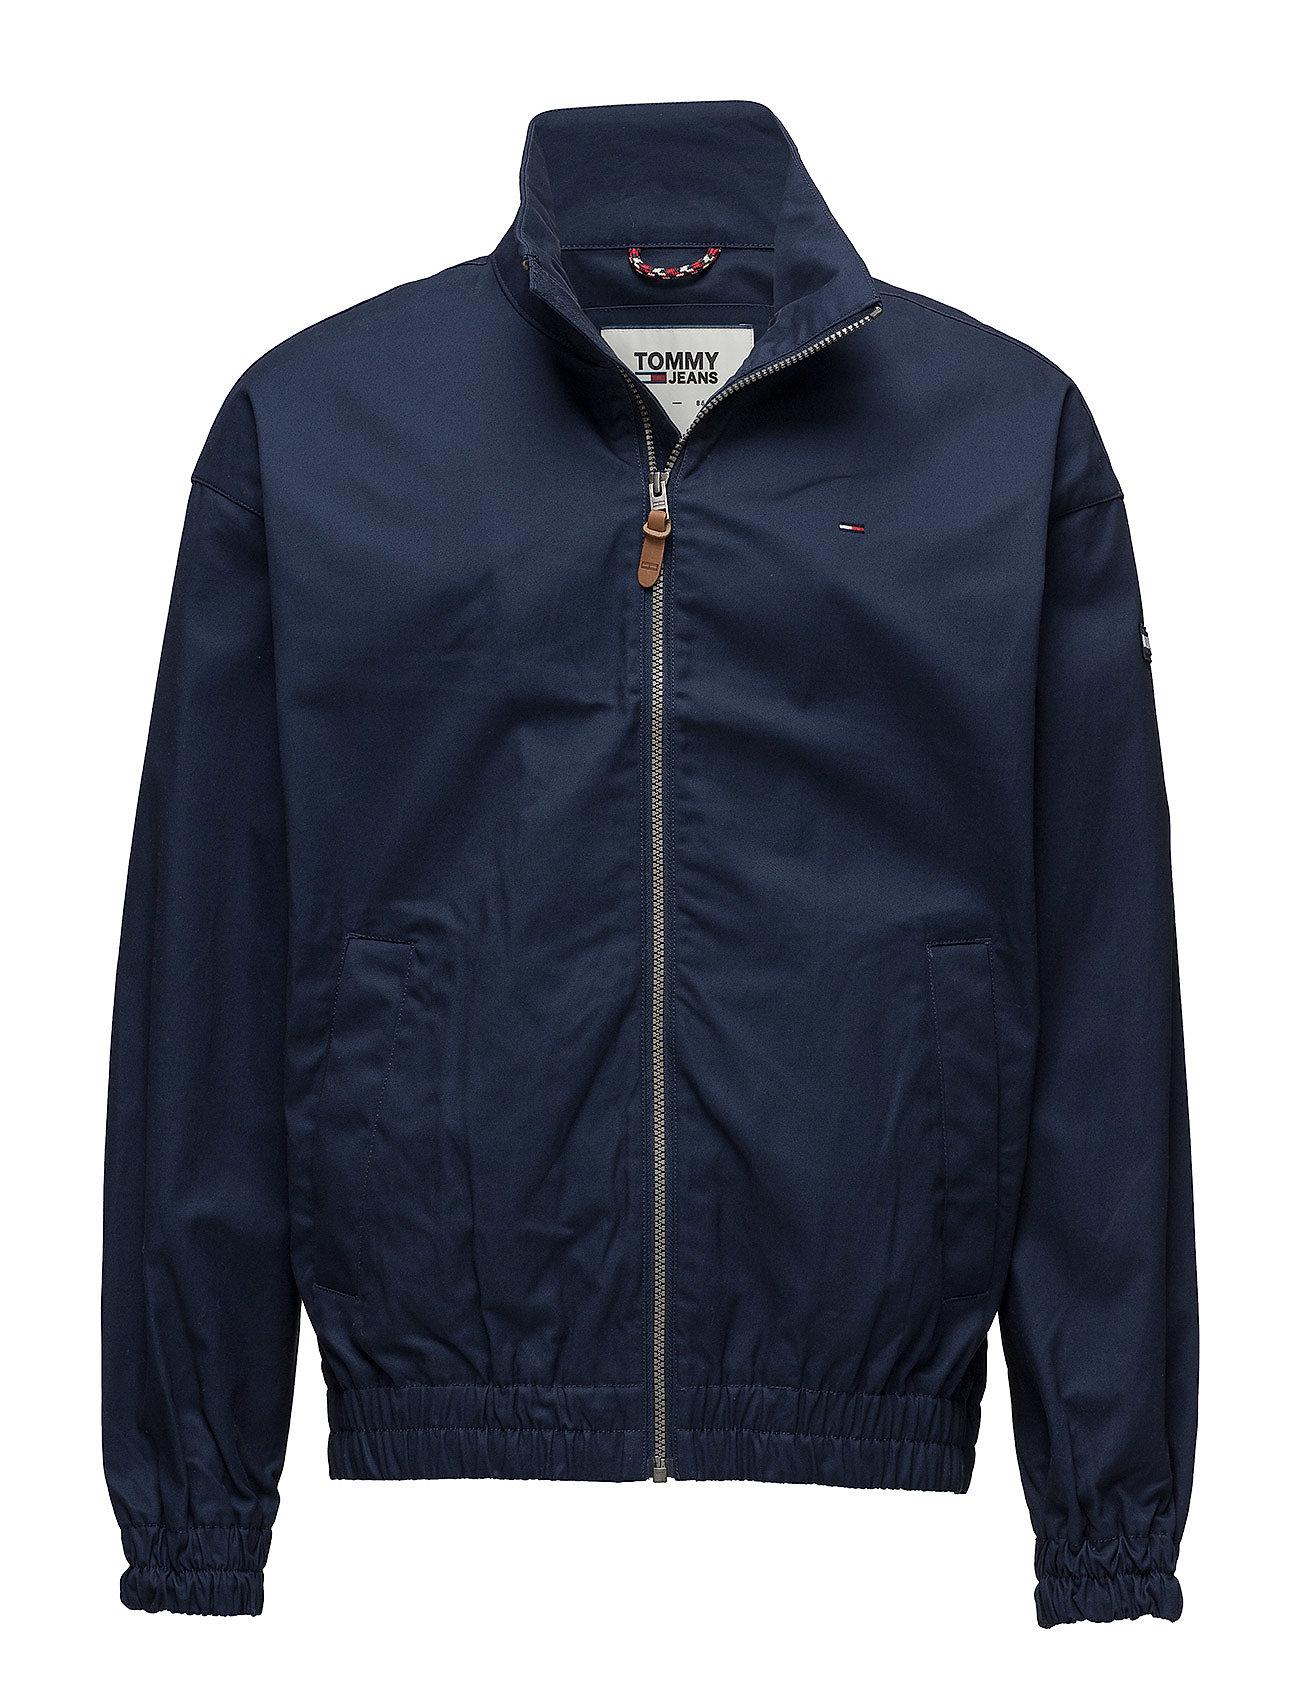 5246f83e Tommy Hilfiger sommerjakker – Tjm Essential Cotton Jacket til herre ...